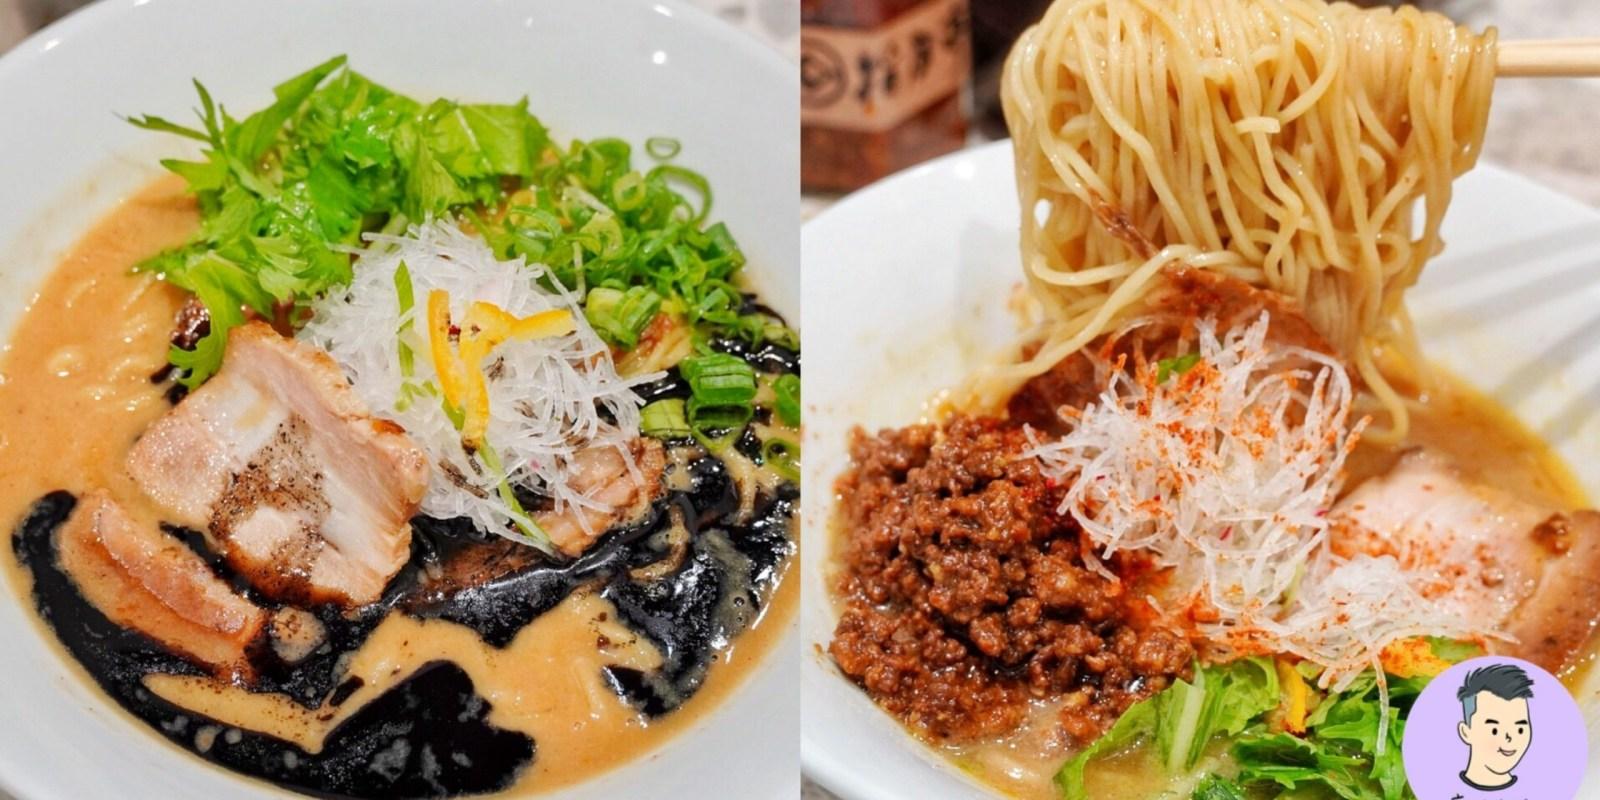 【台北美食】被譽為台北最強拉麵店「勝王」回來了!還沒開店就大排長龍 讓人一吃就愛上的超狂拉麵|台北中山區美食